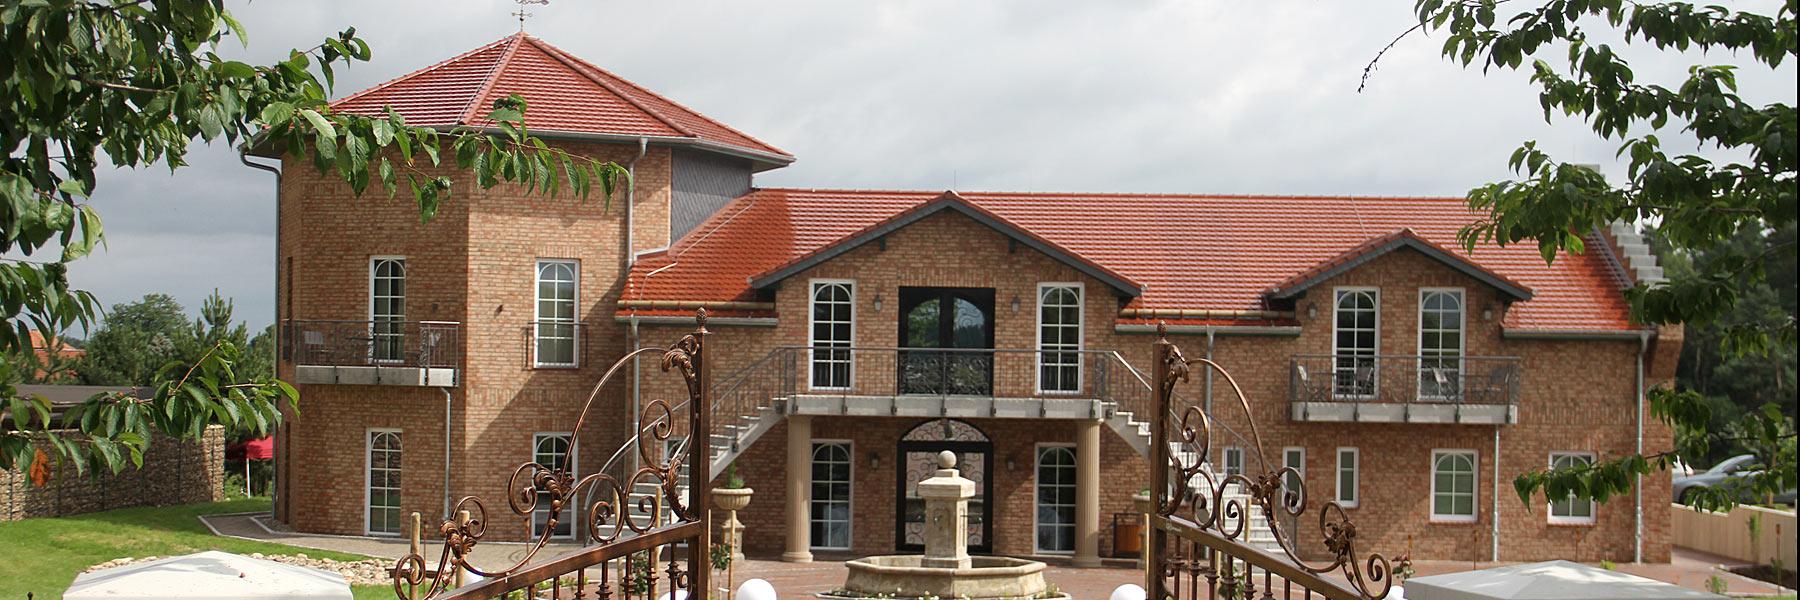 neues Gebäude - Kur- und Landhotel Borstel-Treff